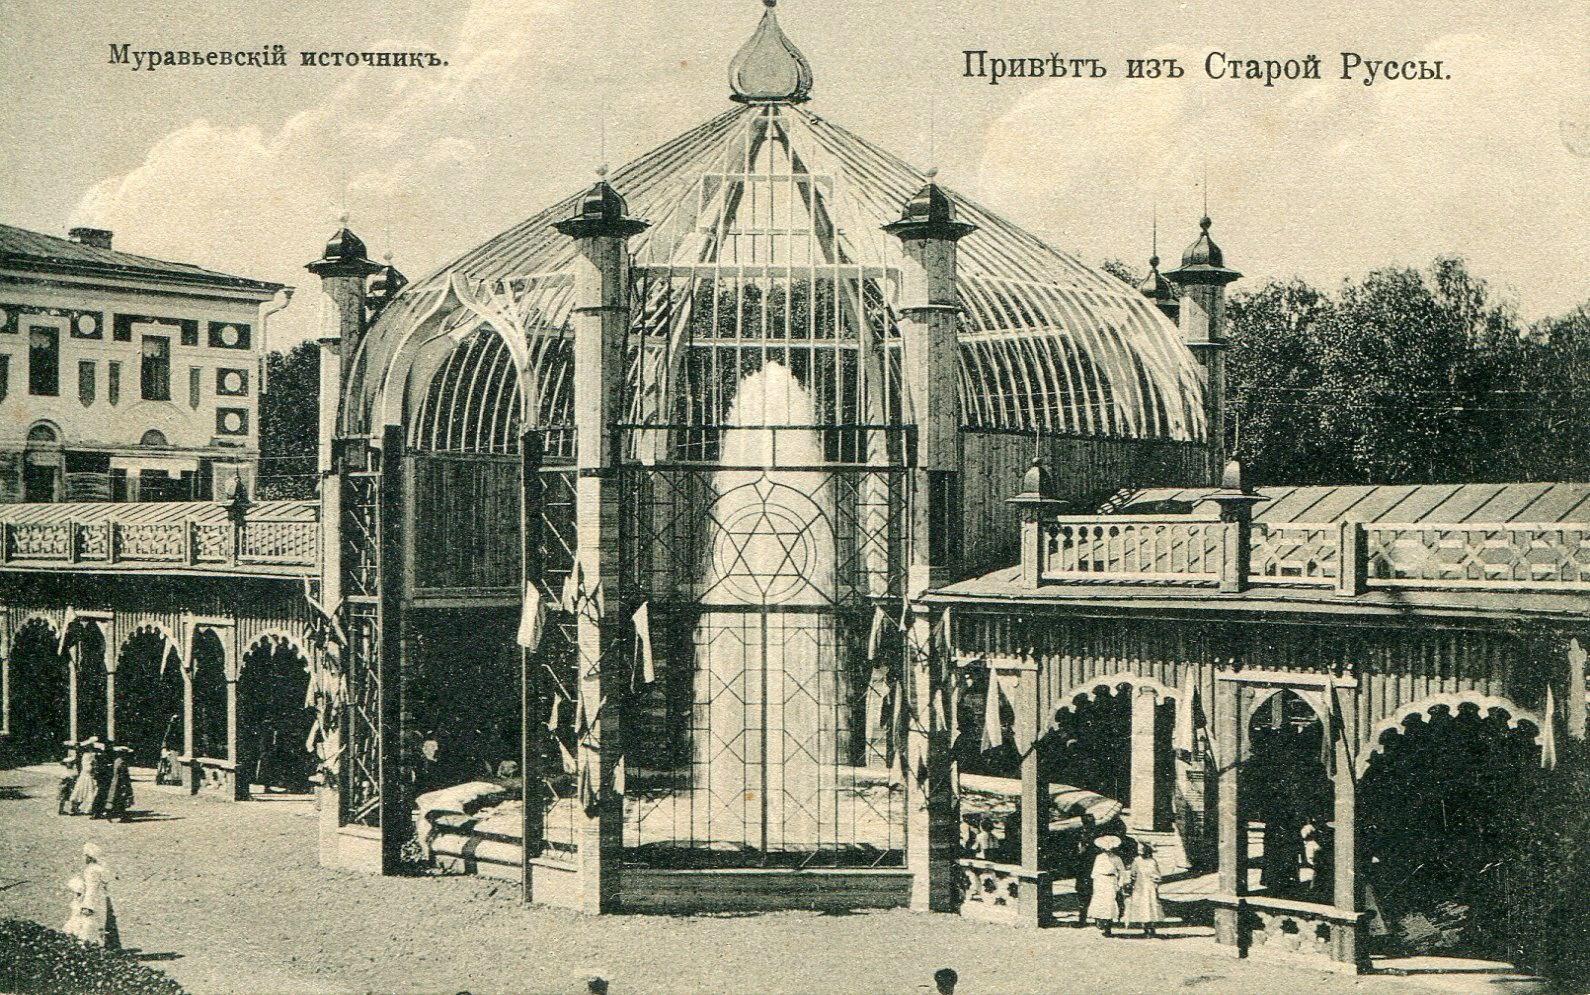 Вид на Муравьевский источник